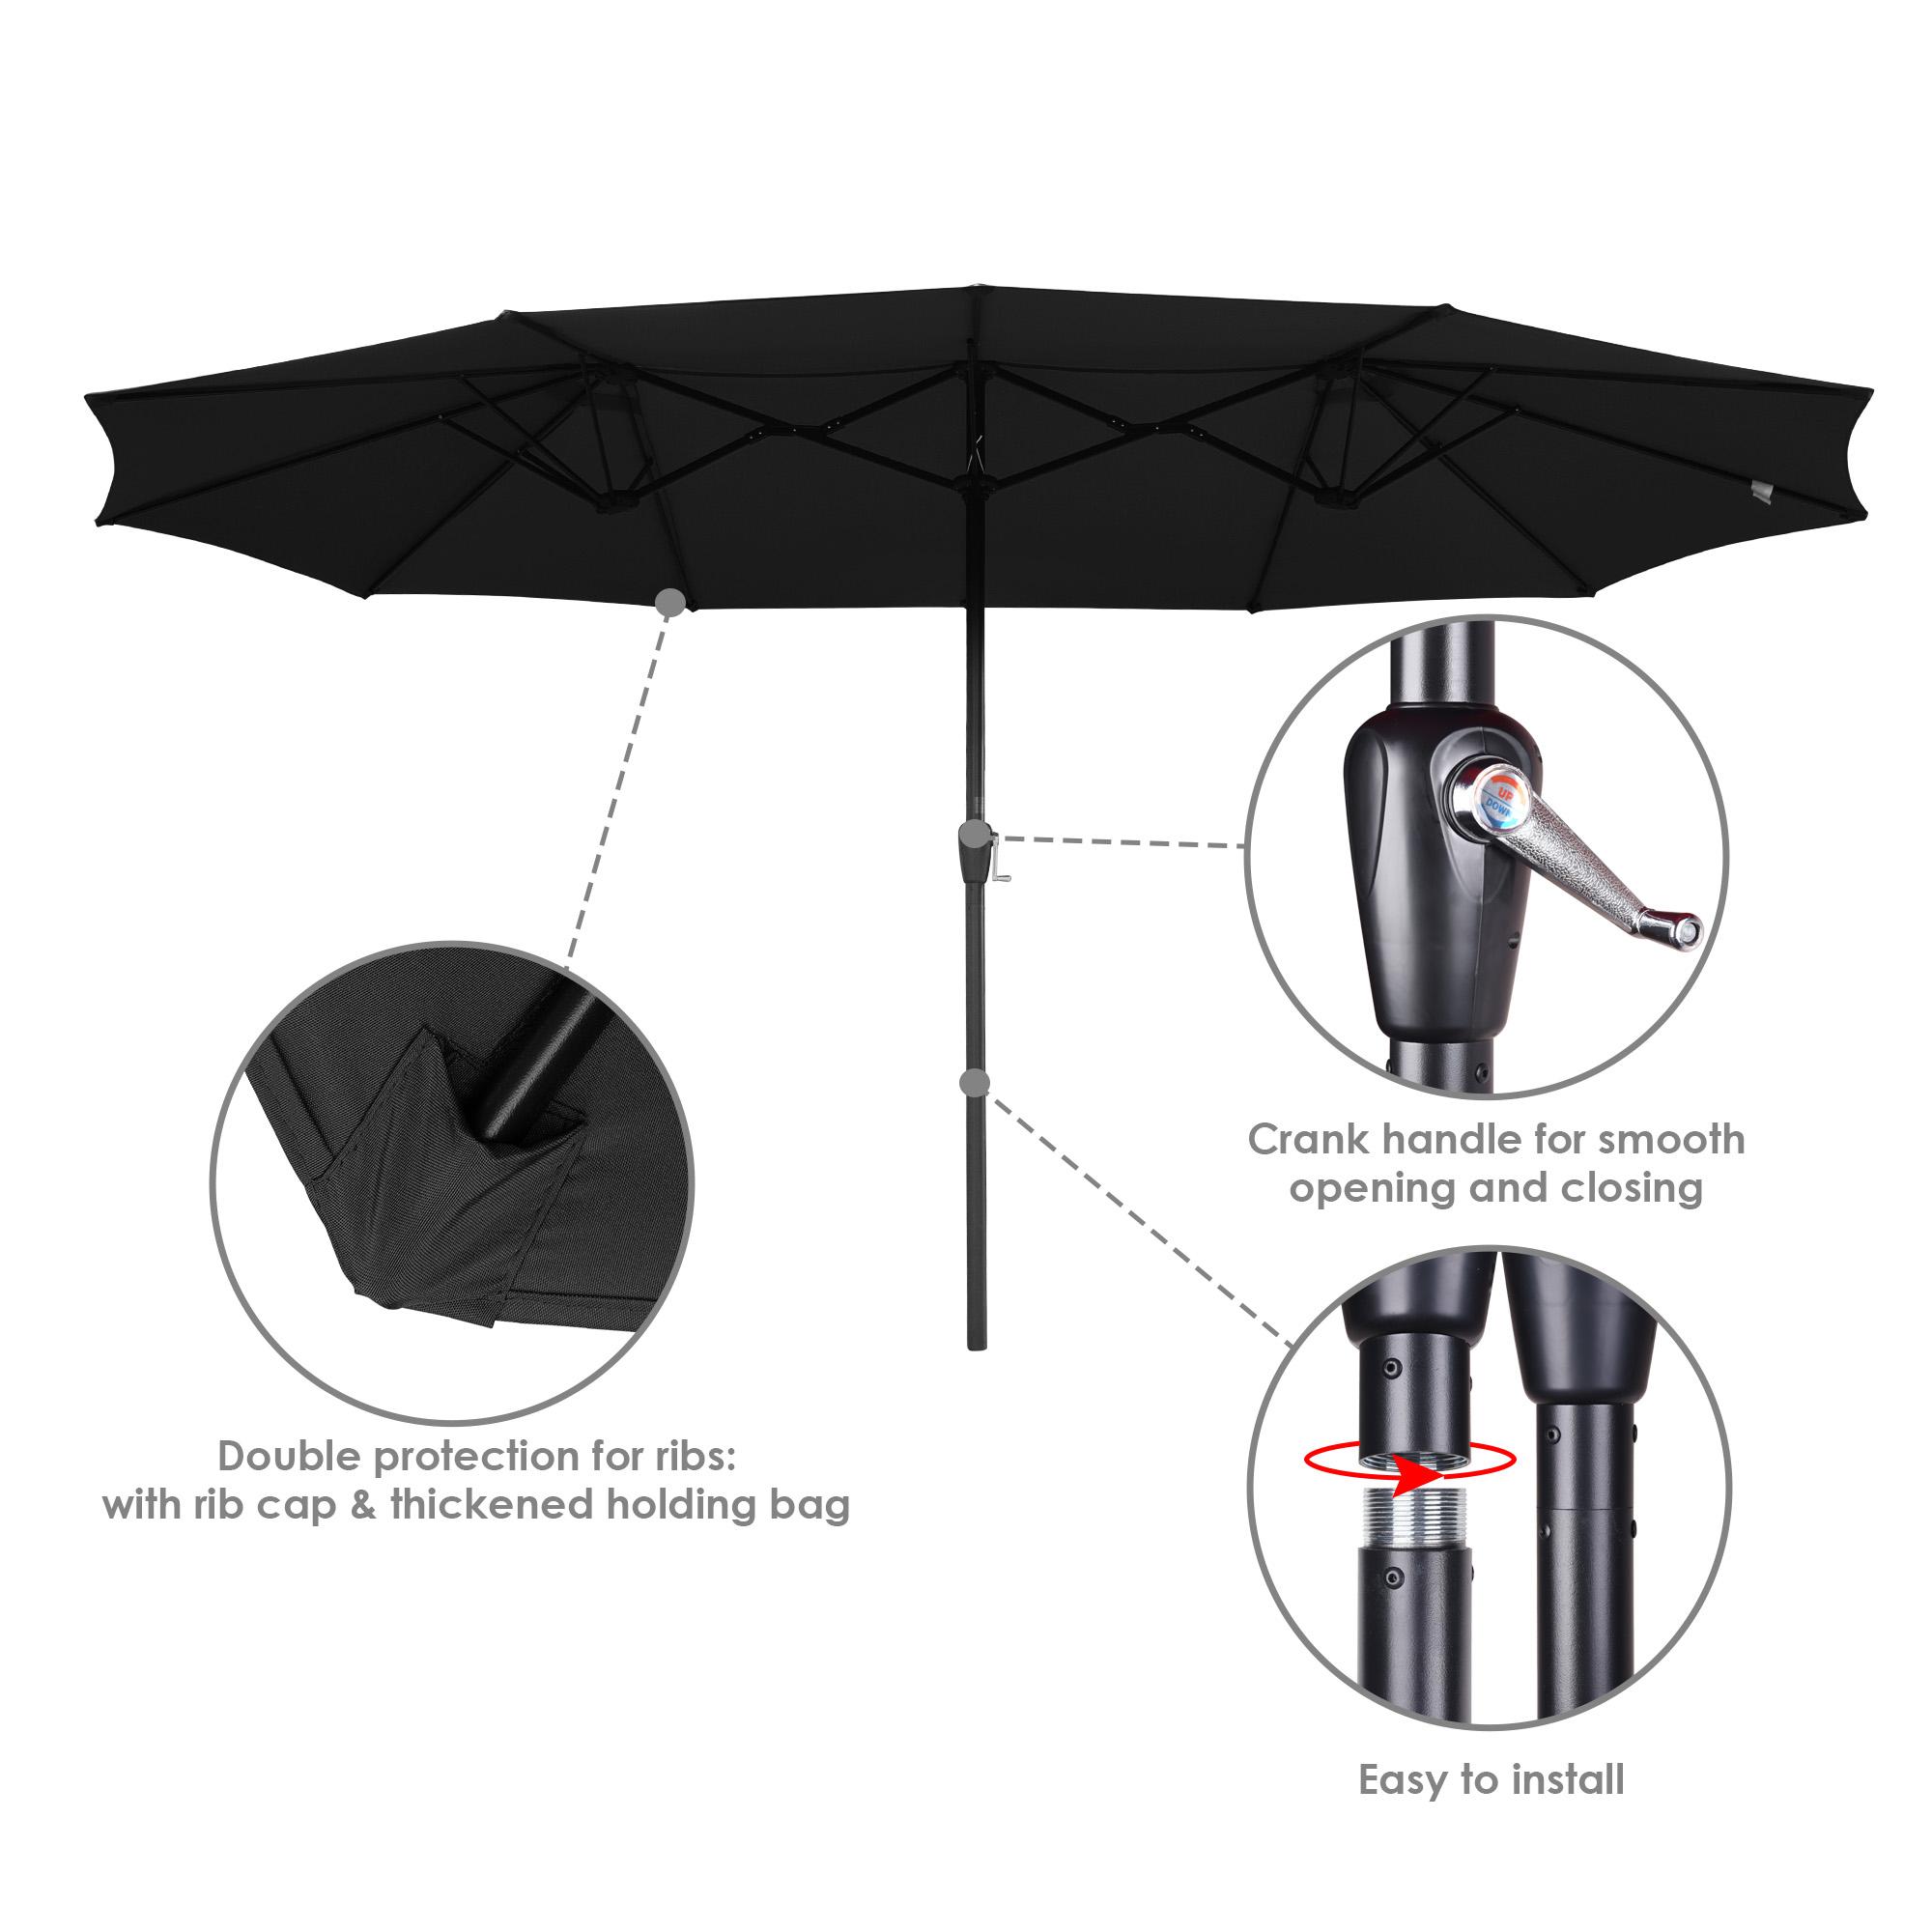 thumbnail 20 - 15ft Patio Twin Umbrella Double-sided Market Crank Outdoor Garden Parasol Shade